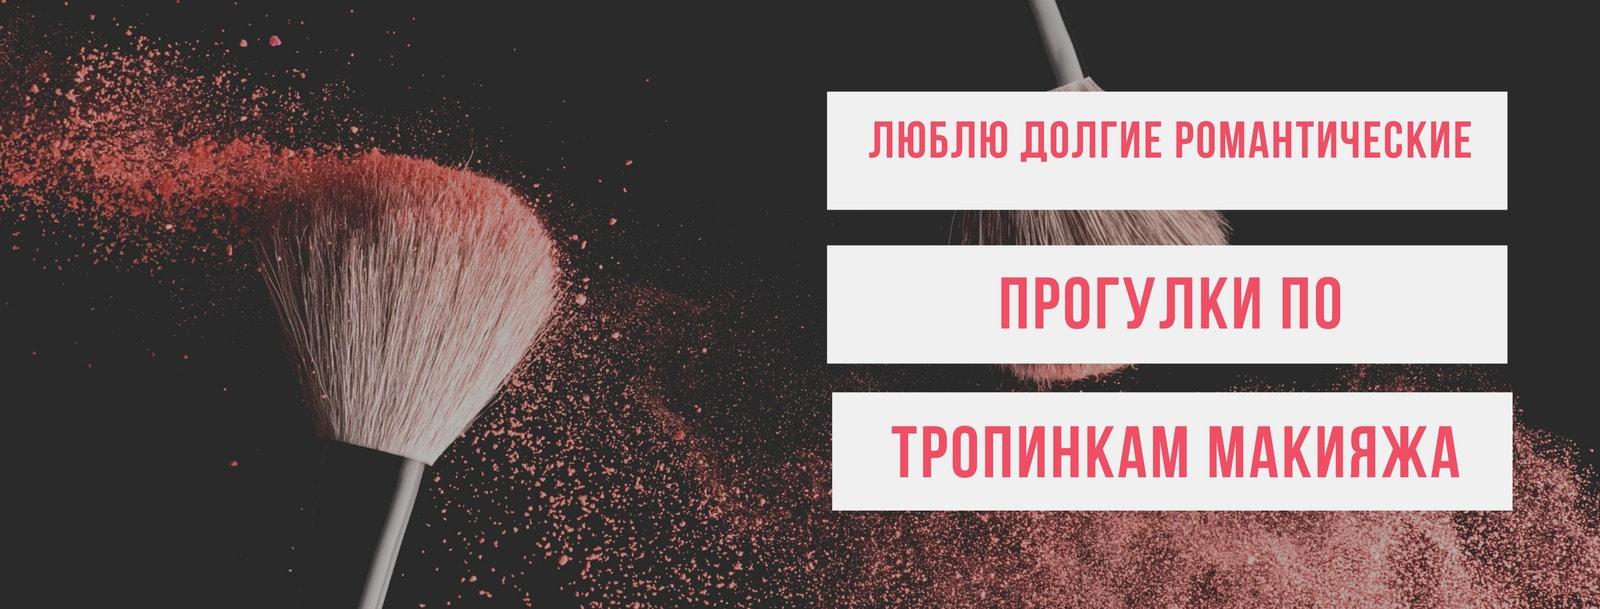 Розовый Кавычки Кисти Красота Макияж Facebook Обложка